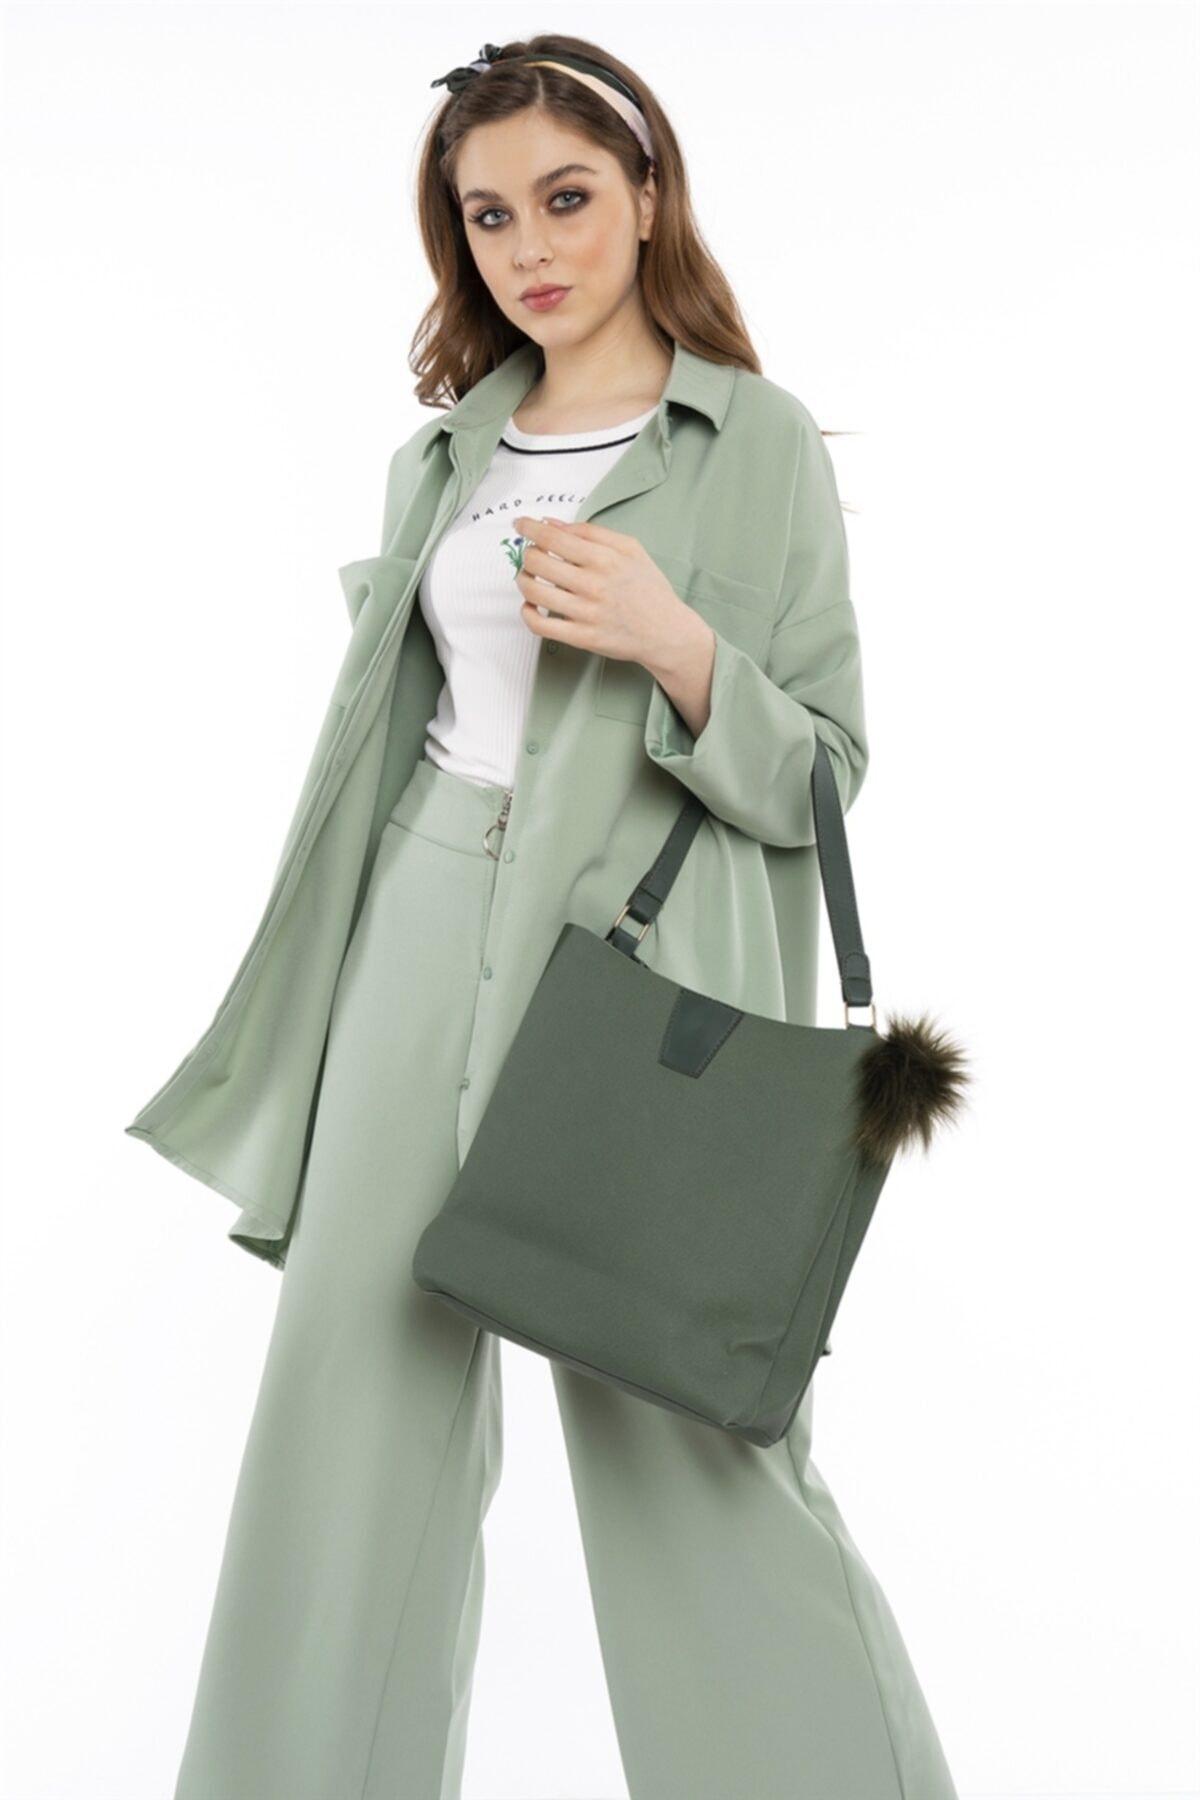 Hadise Kadın Mint Yeşil Çift Cepli Salaş Gömlek 2674 1